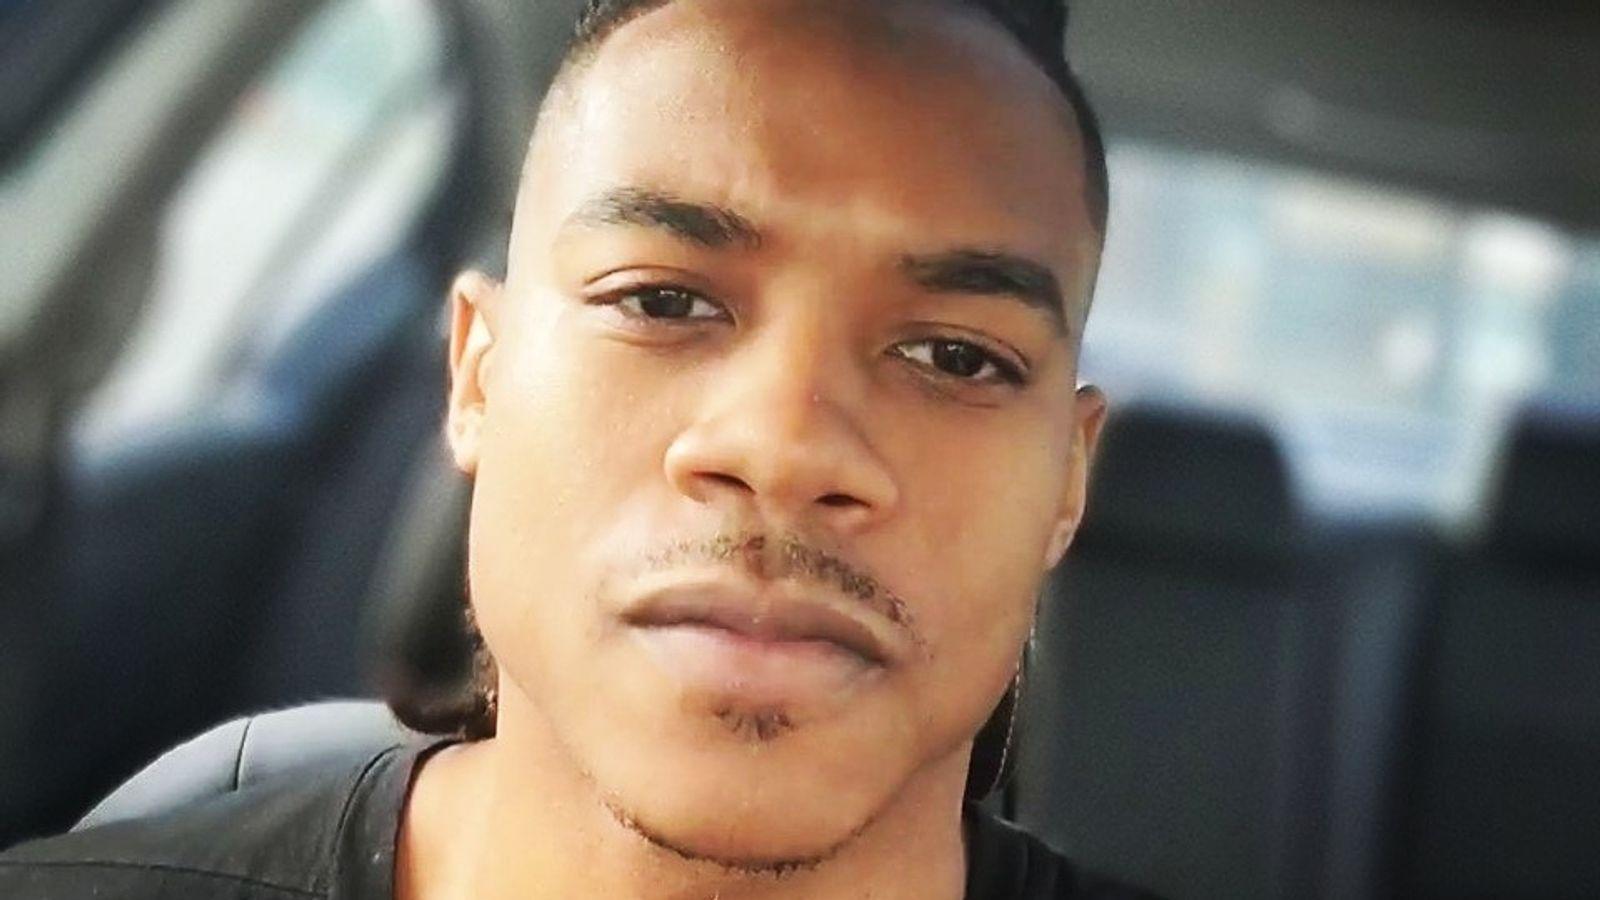 Noah Green: US Capitol Attack Suspect